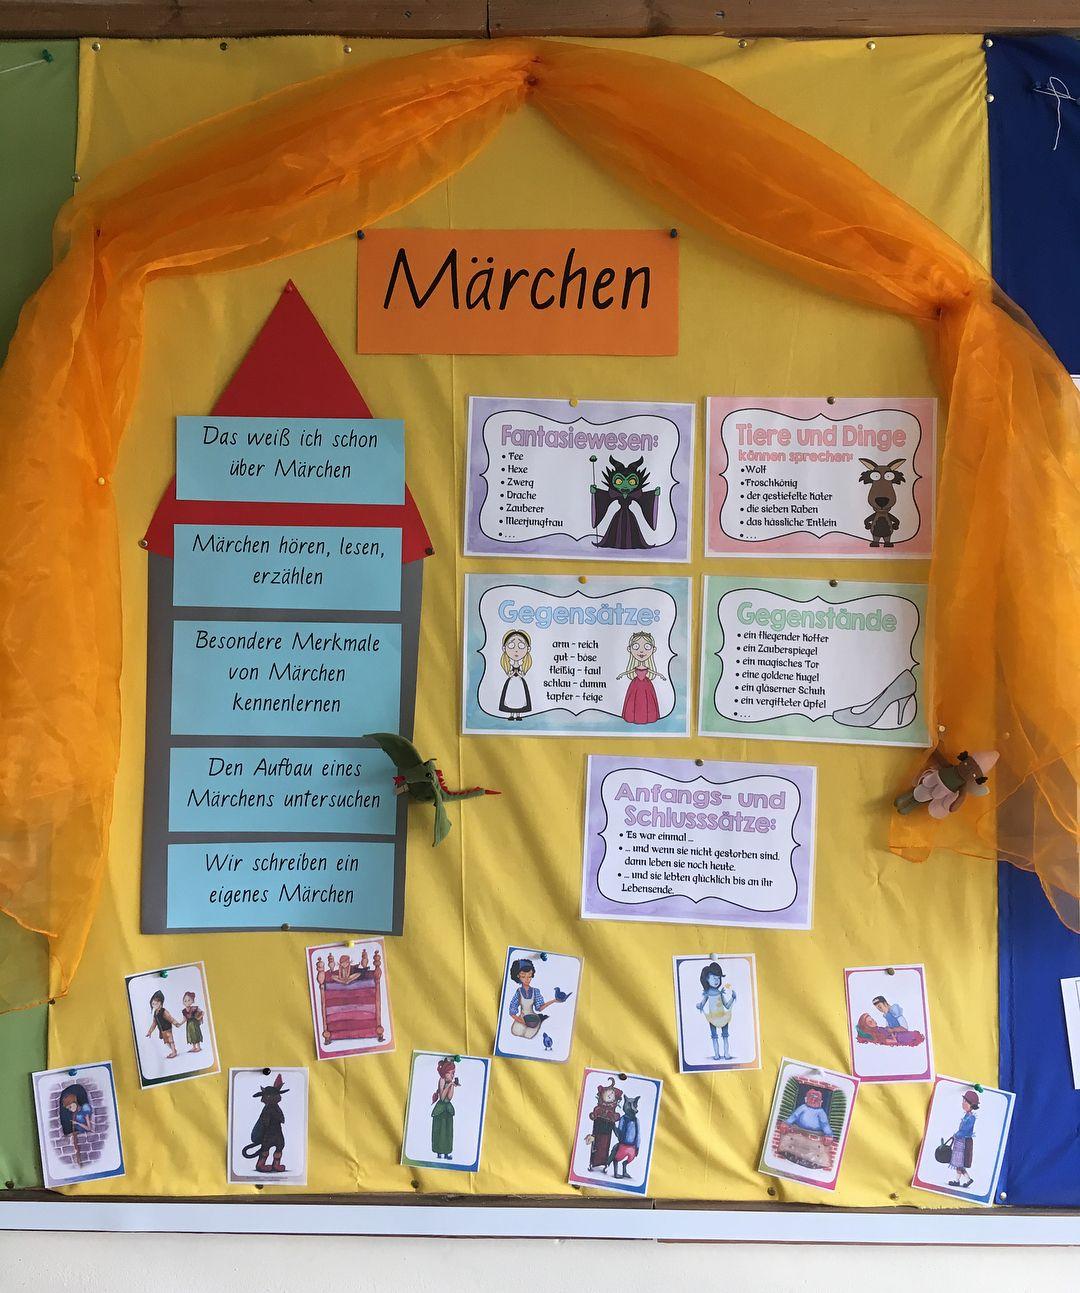 Monster Bande Auf Instagram Einblicke In Unsere Projektwoche Marchen Der Turm Zeigt Di School Gadget Education And Literacy Kindergarten